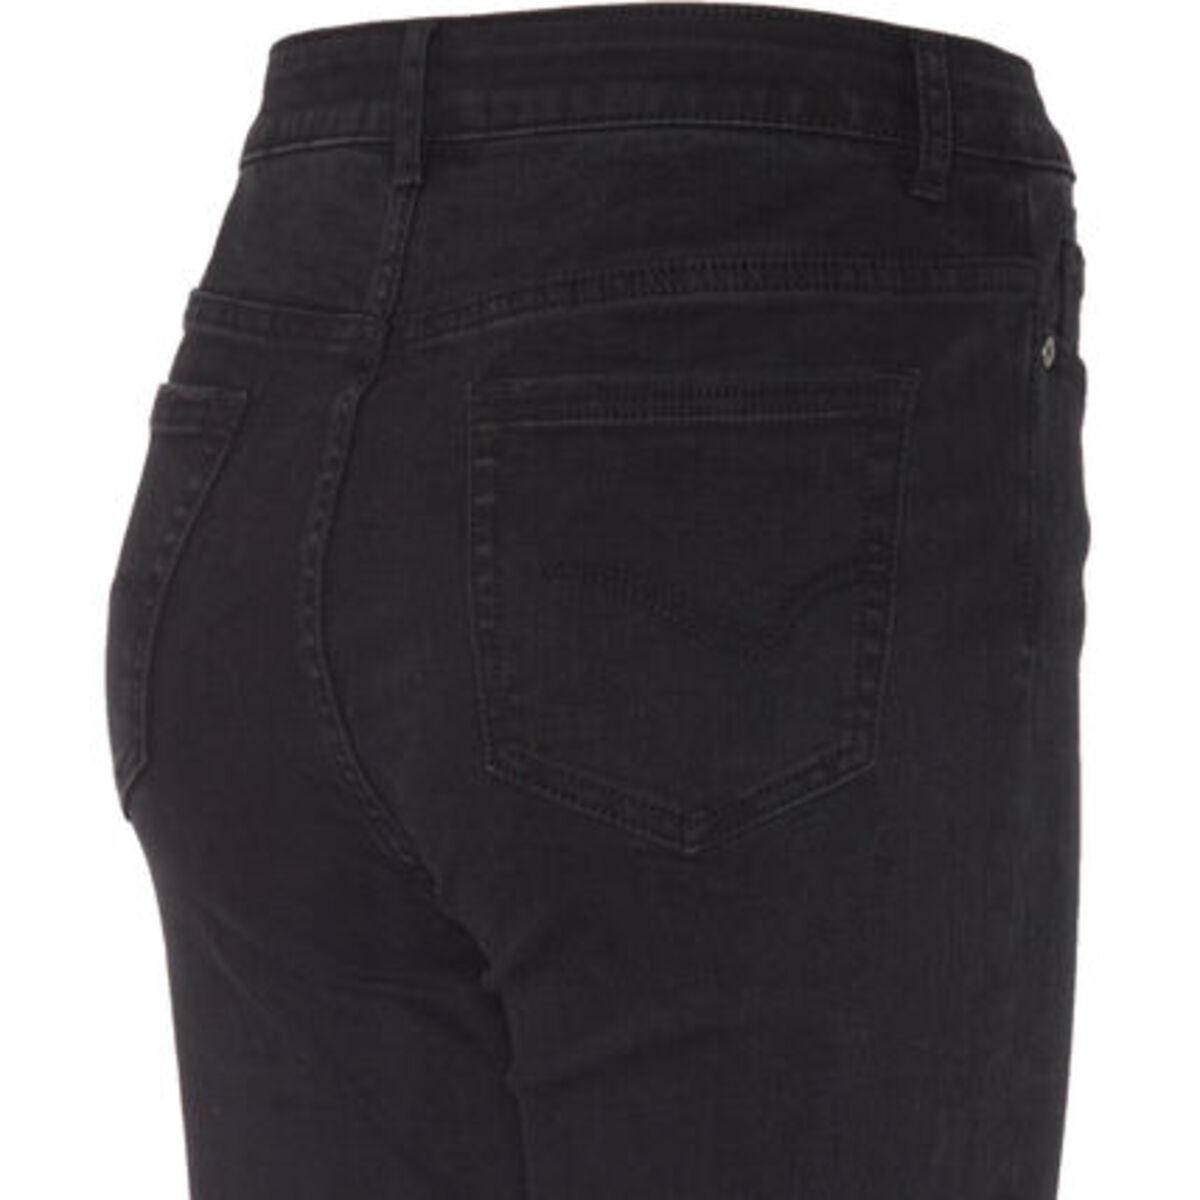 Bild 4 von MANGUUN Jeans, Skinny Fit, Knopfleiste, für Damen